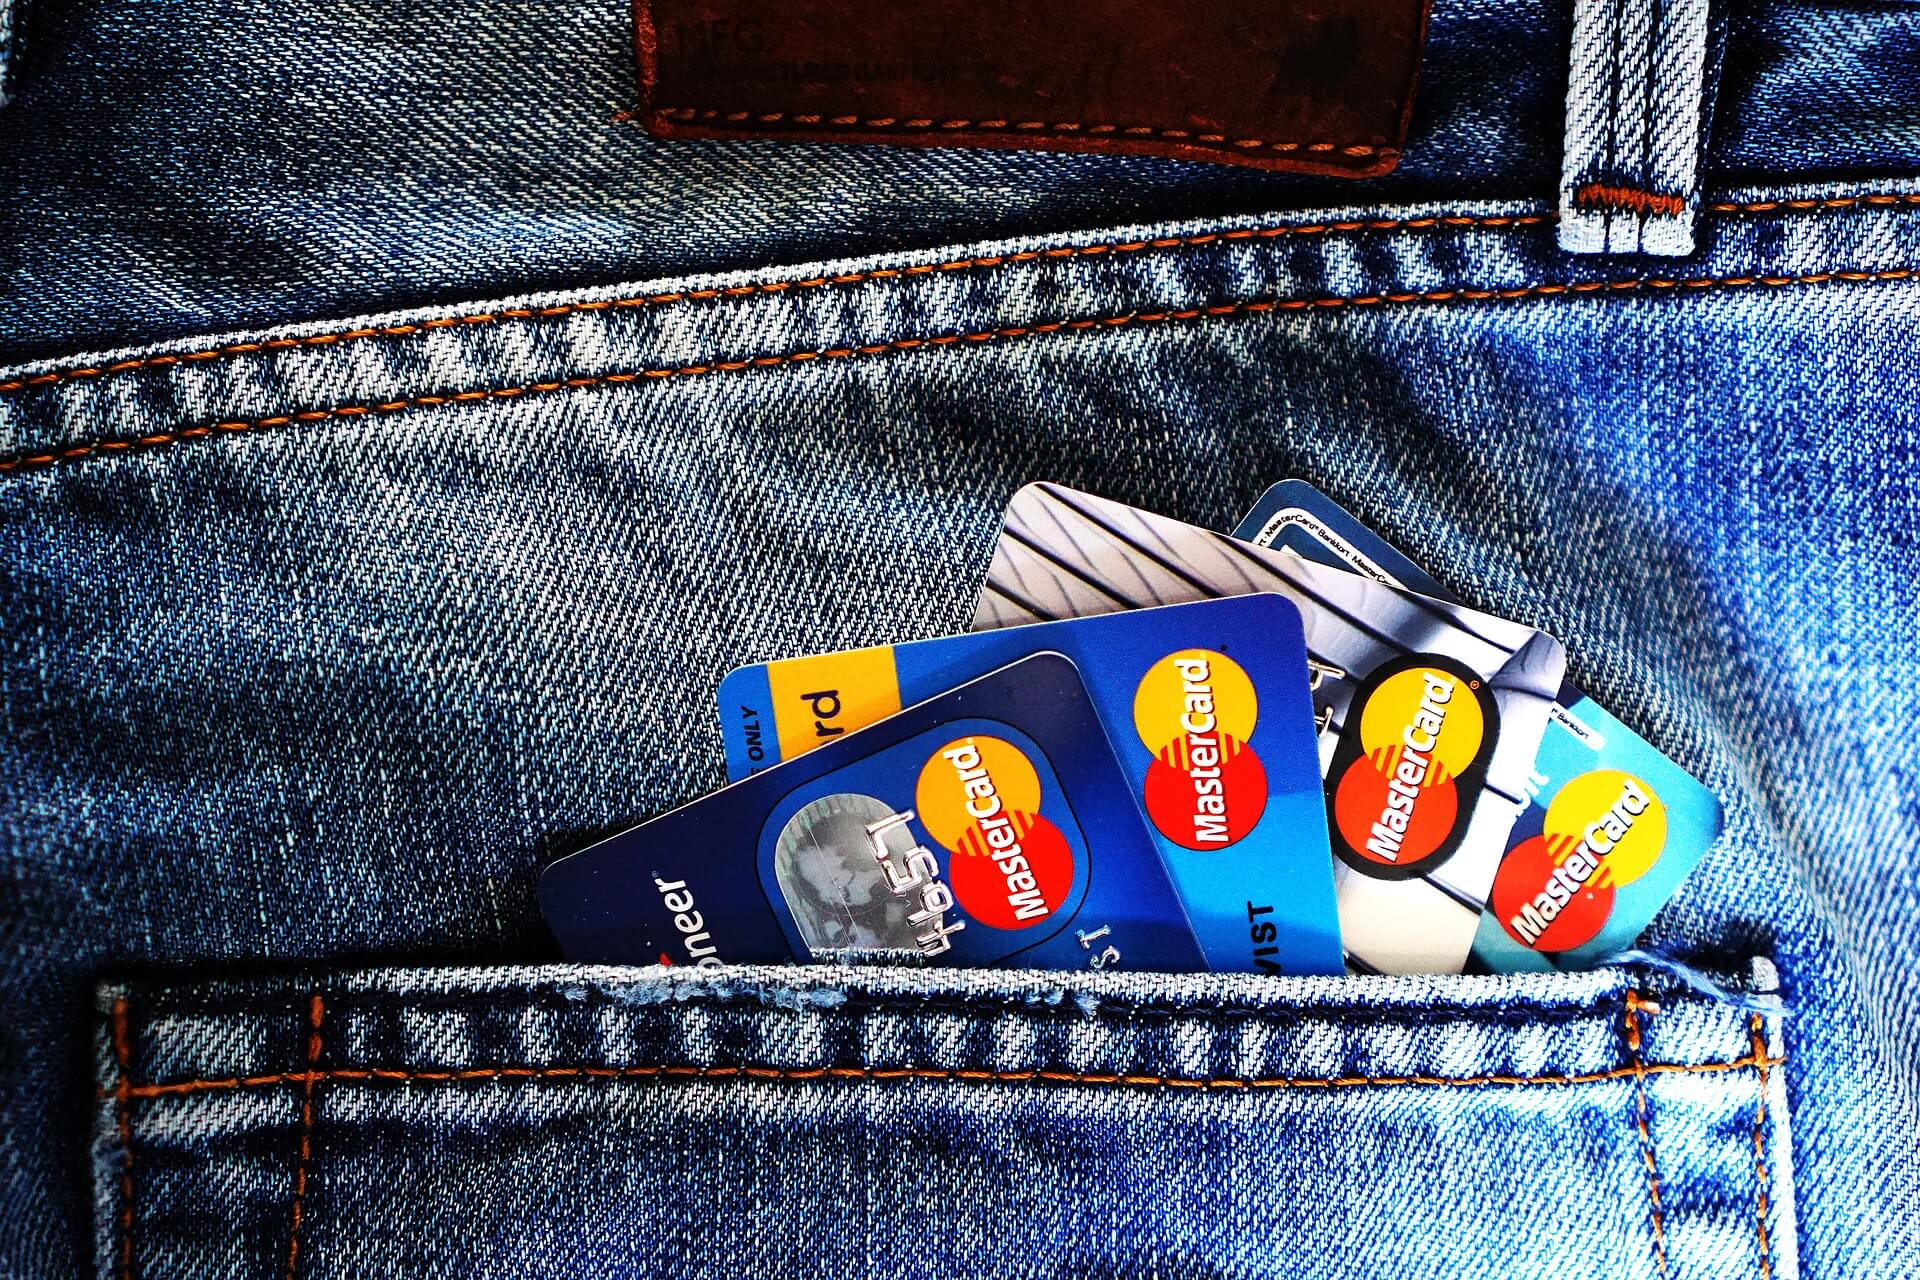 credit cards in back pocket of jeans -